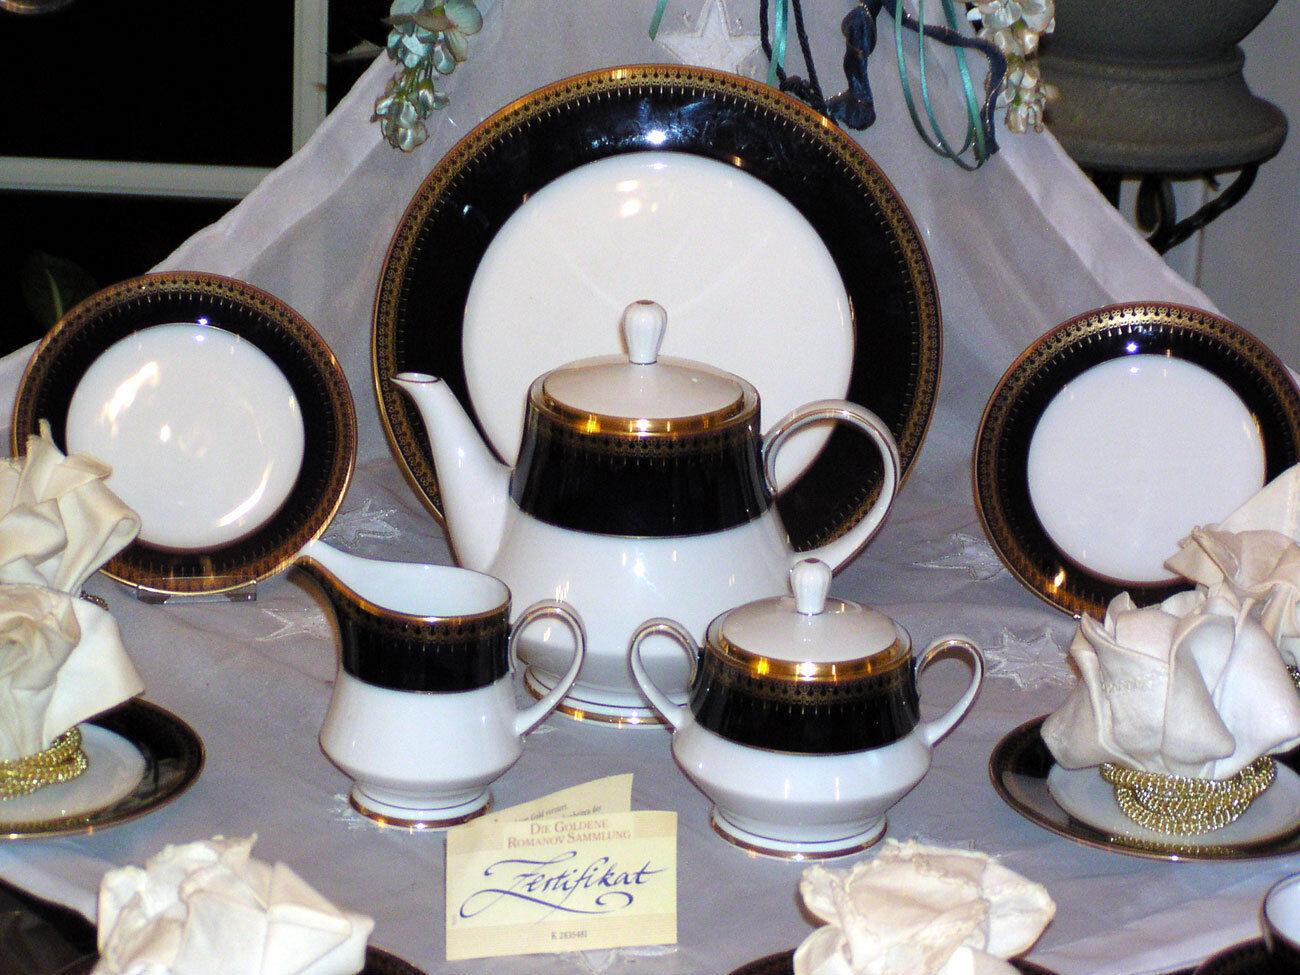 Élégant service à thé de romanov Cobalt Or Neuf 21 pcs. top